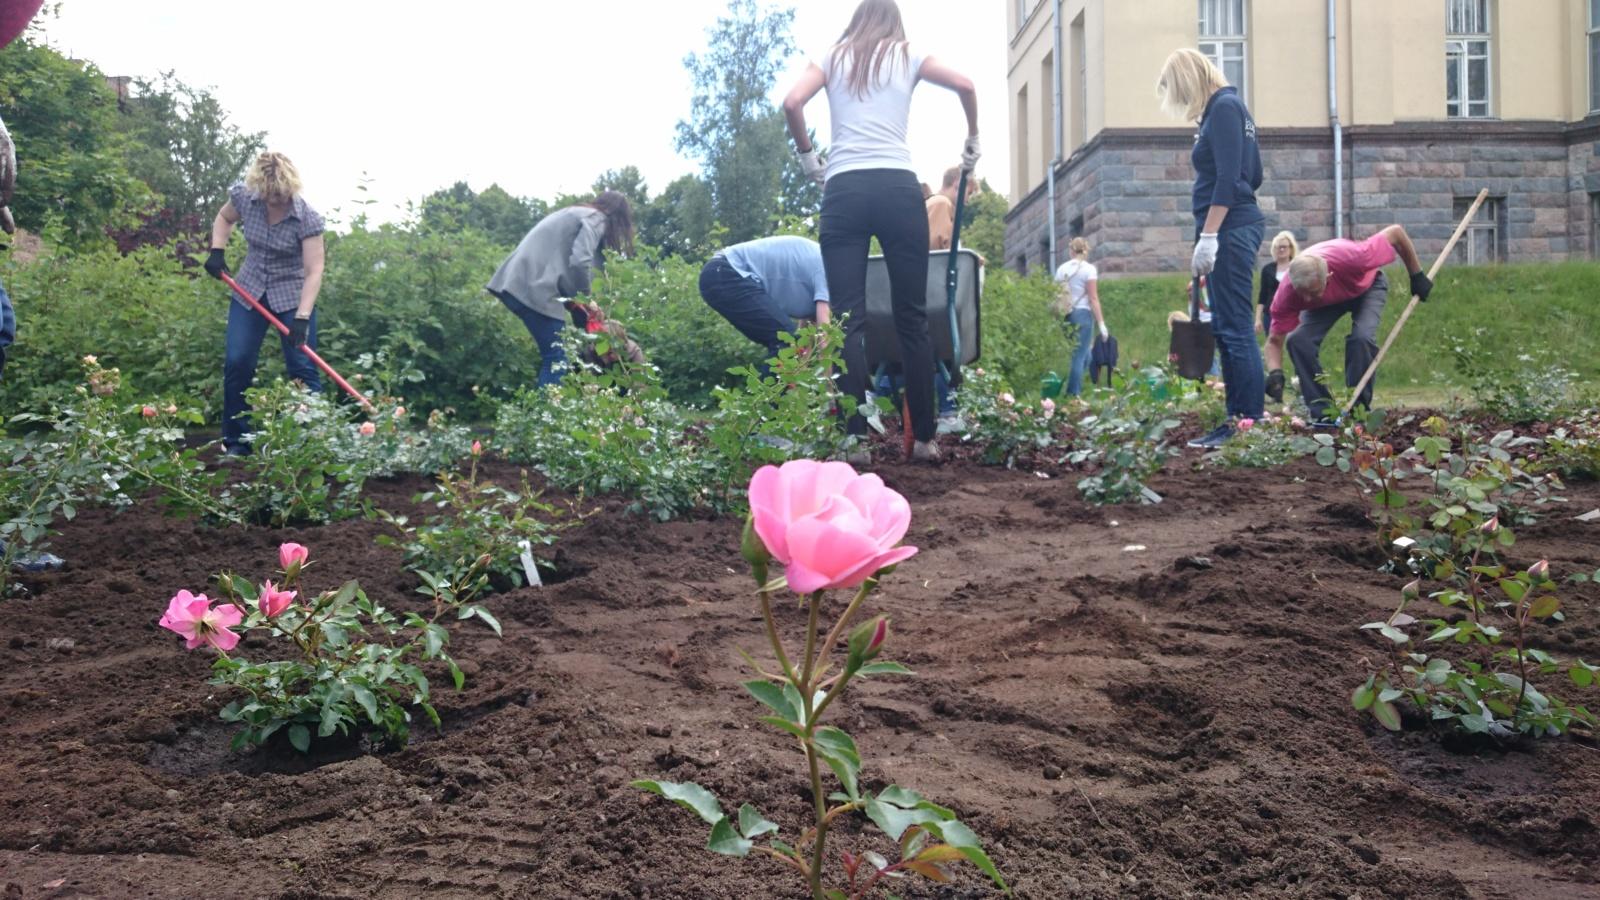 Ch. Frenkelio rožyne – graži verslininkų iniciatyva: pasodinta 100 vardinių rožių (vaizdo reportažas)